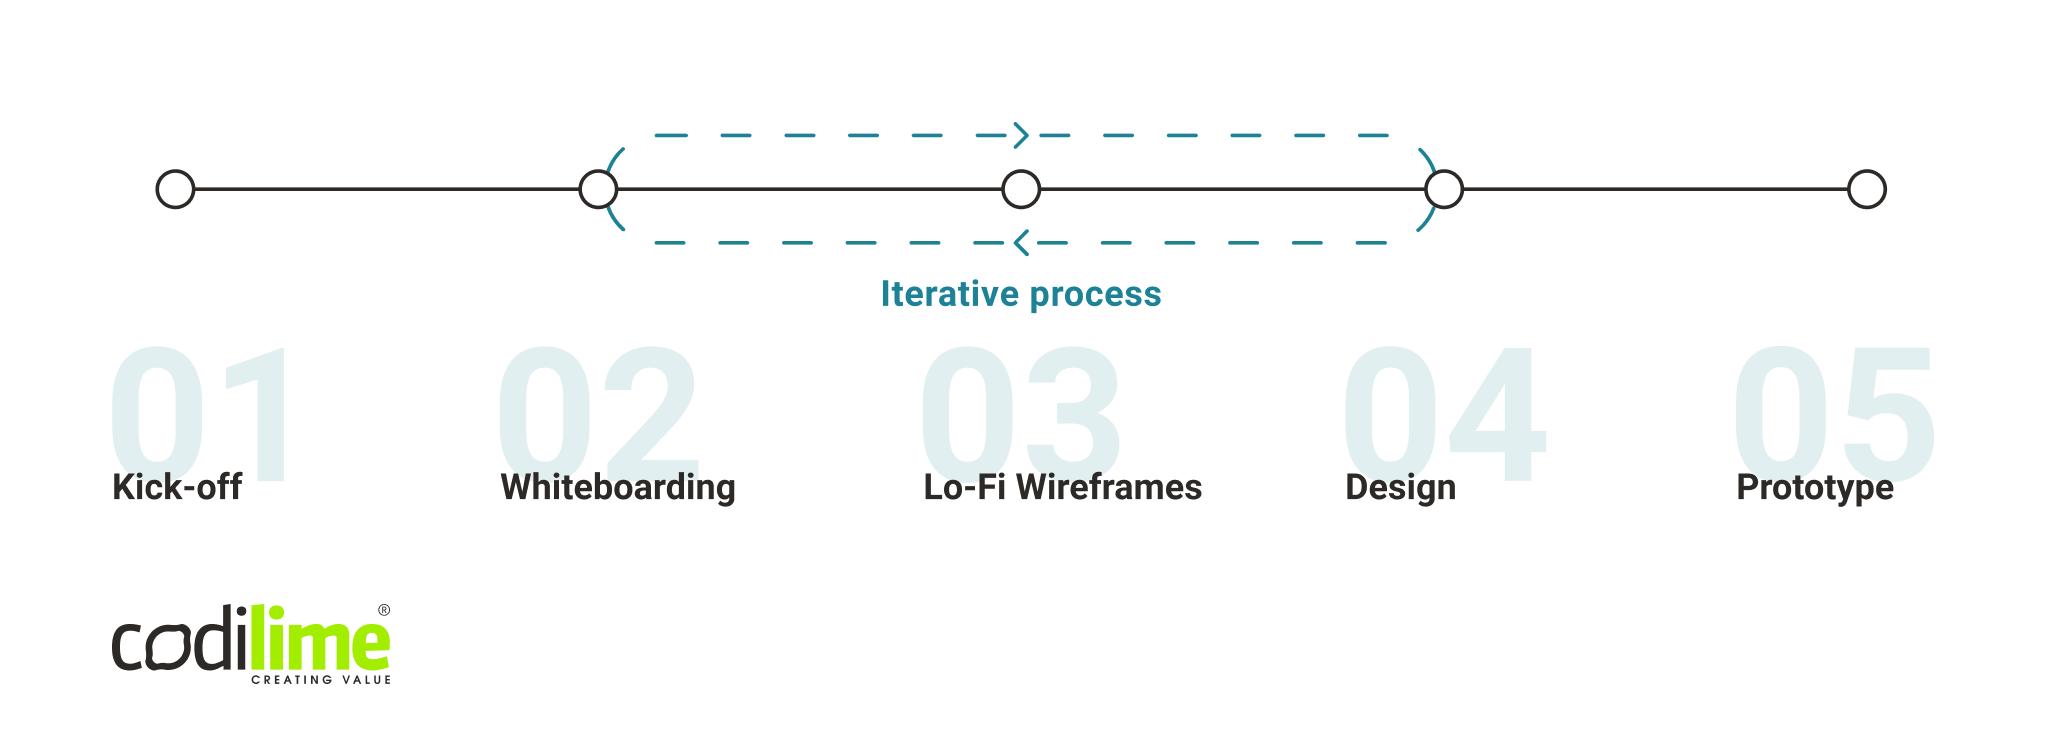 UX prototype process